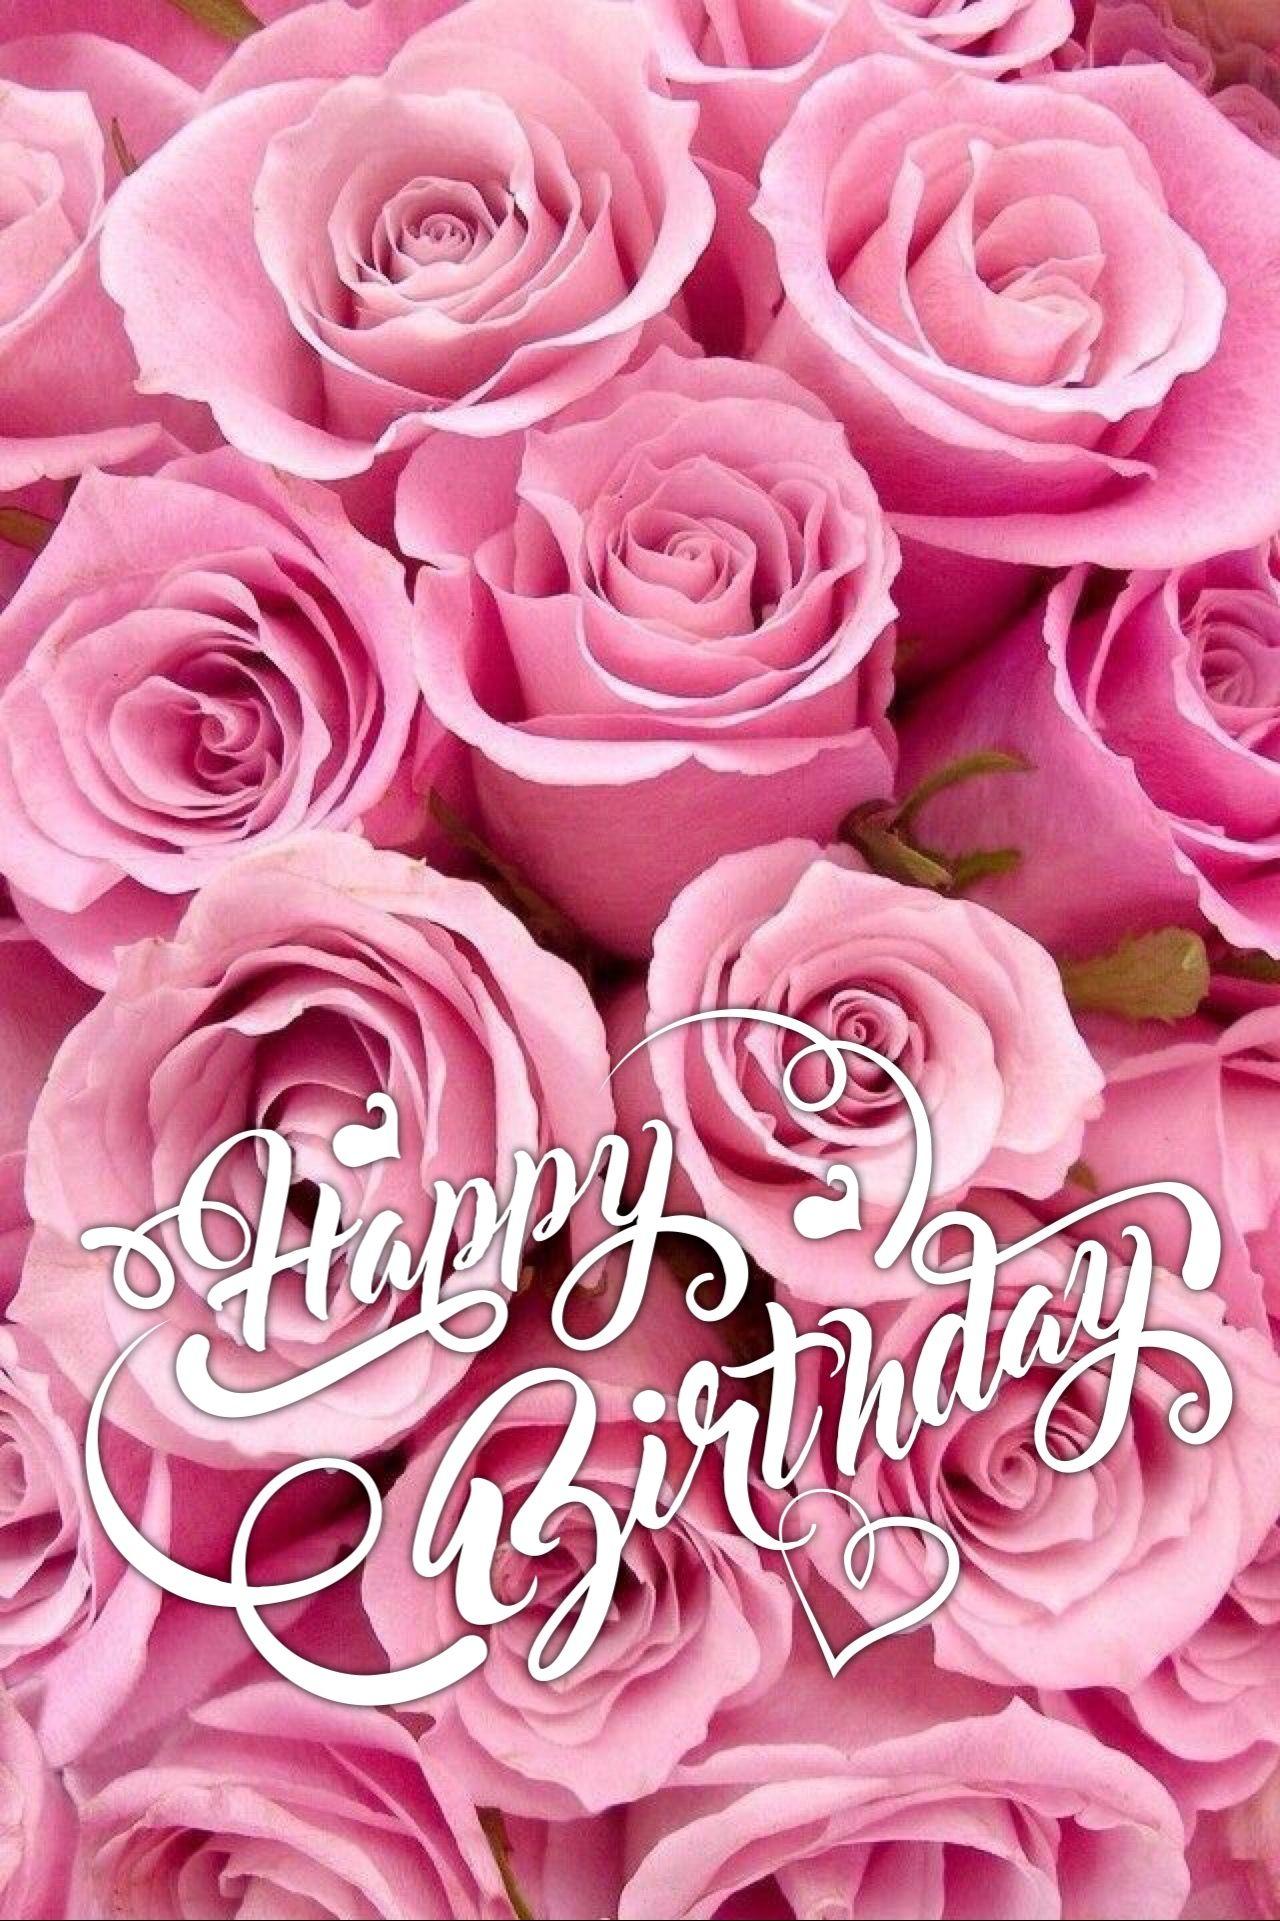 Pin Von Suzi Wright Auf Den Rozhdeniya Birthday Alles Gute Zum Geburtstag Nachrichten Alles Gute Zum Geburtstag Fotos Kindergeburtstagswunsche